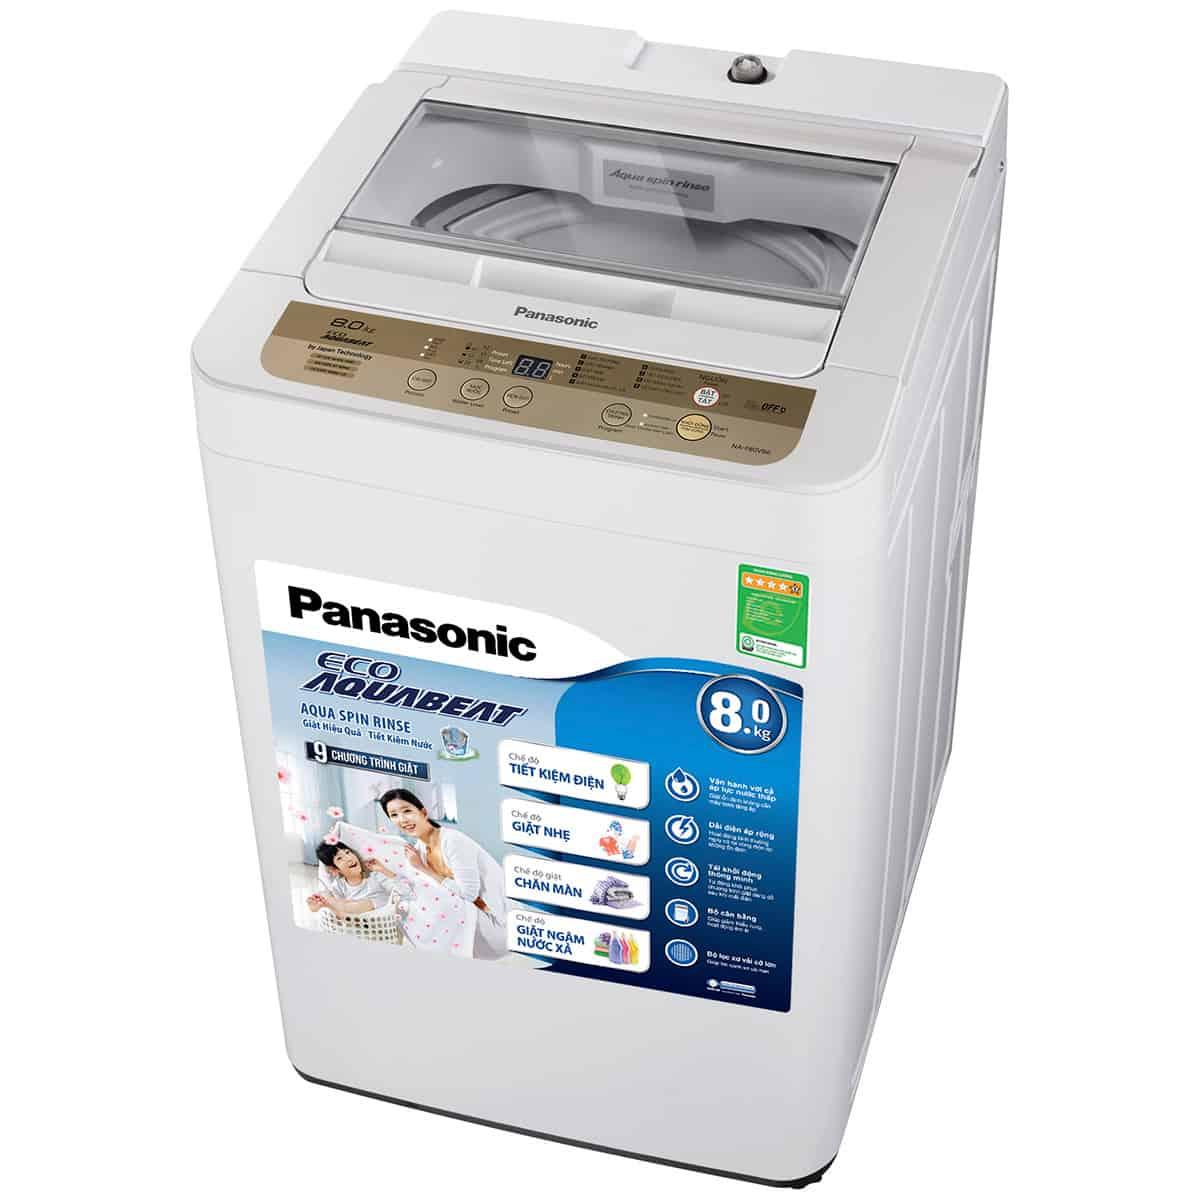 Sử dụng máy giặt Panasonic